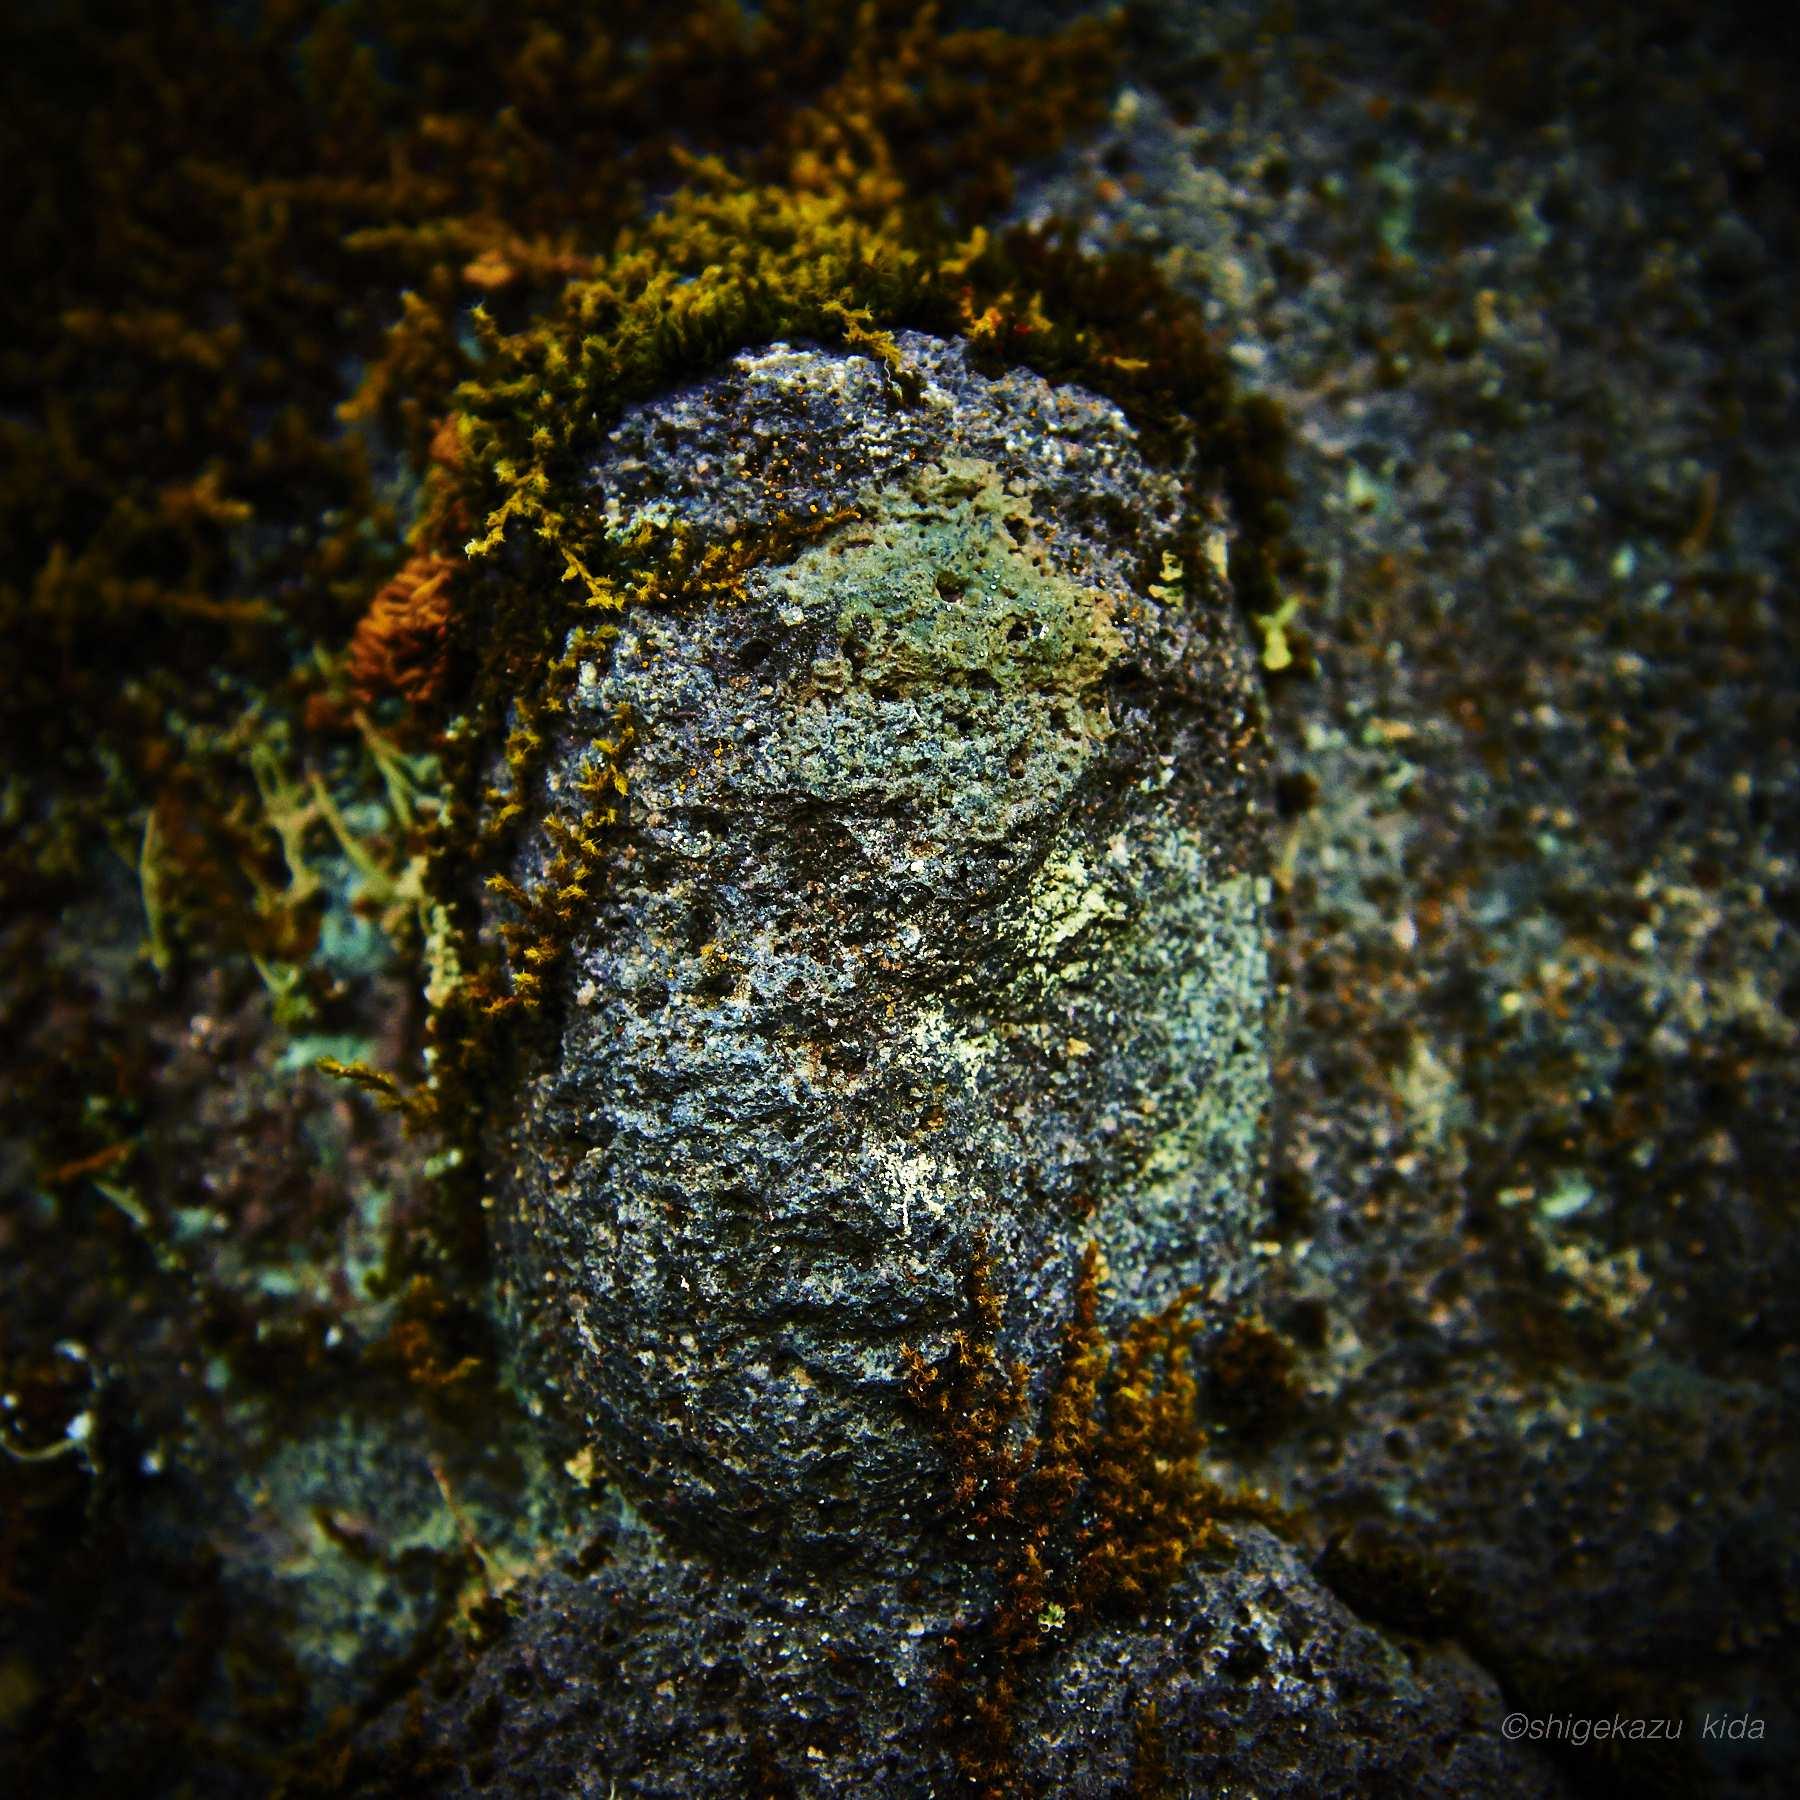 長野県松本市白骨温泉三十三観音の苔がまとわりついた石仏